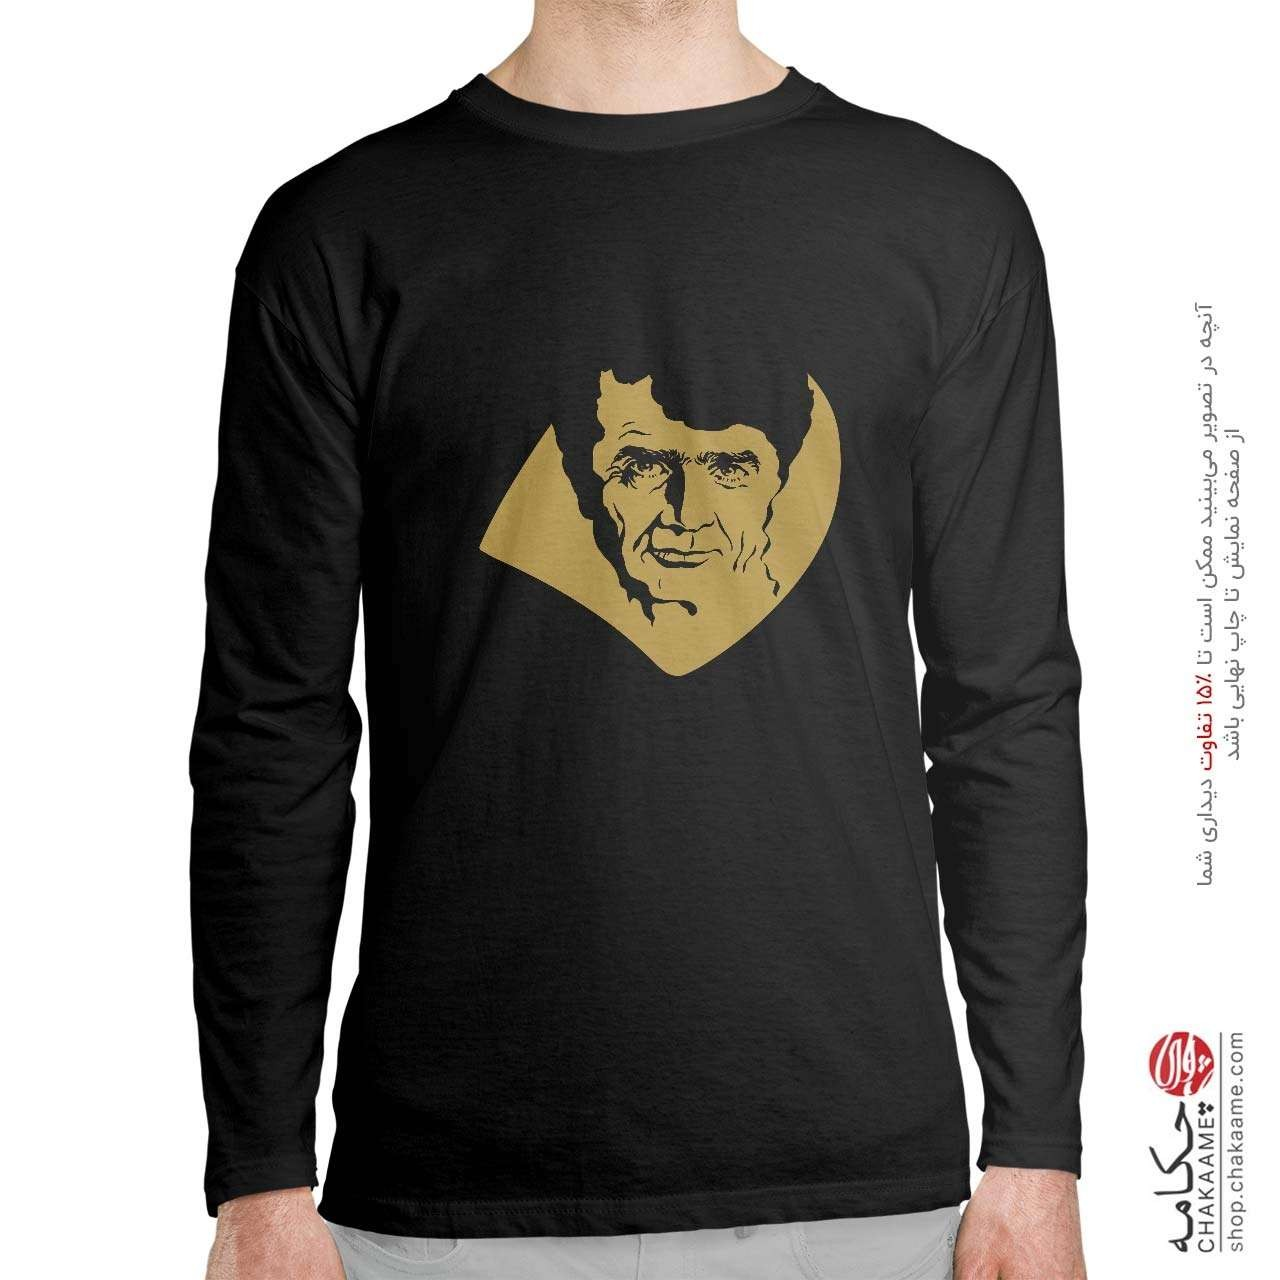 تی شرت آستین بلند طرح چهره استاد شجریان